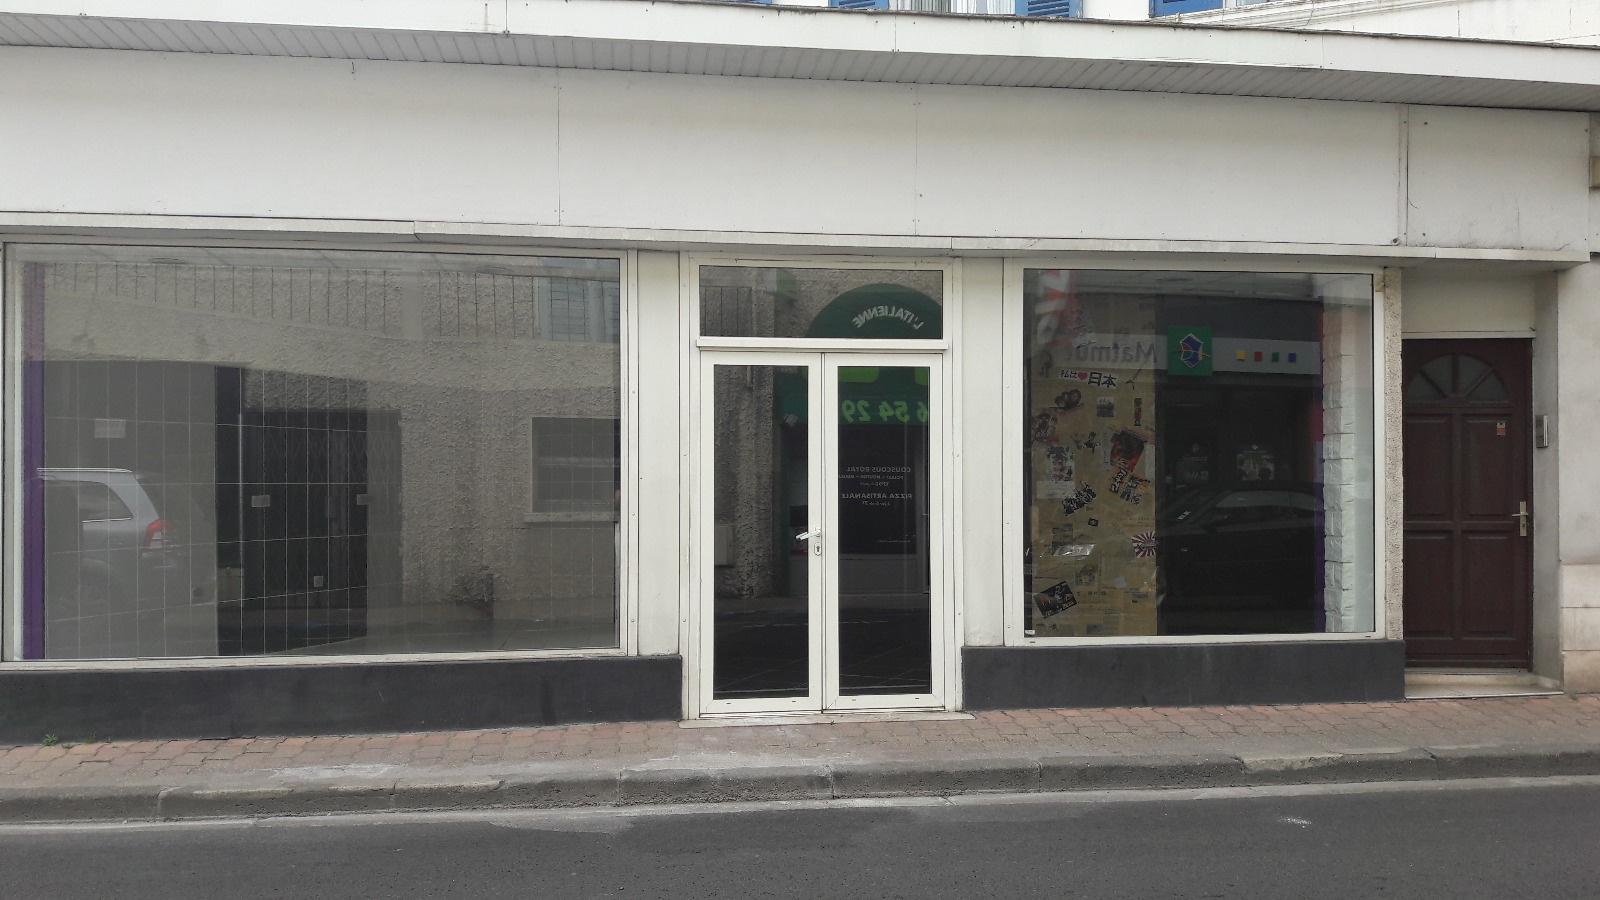 Vente et location commerces acropole immobilier - Centre commercial la teste de buch ...